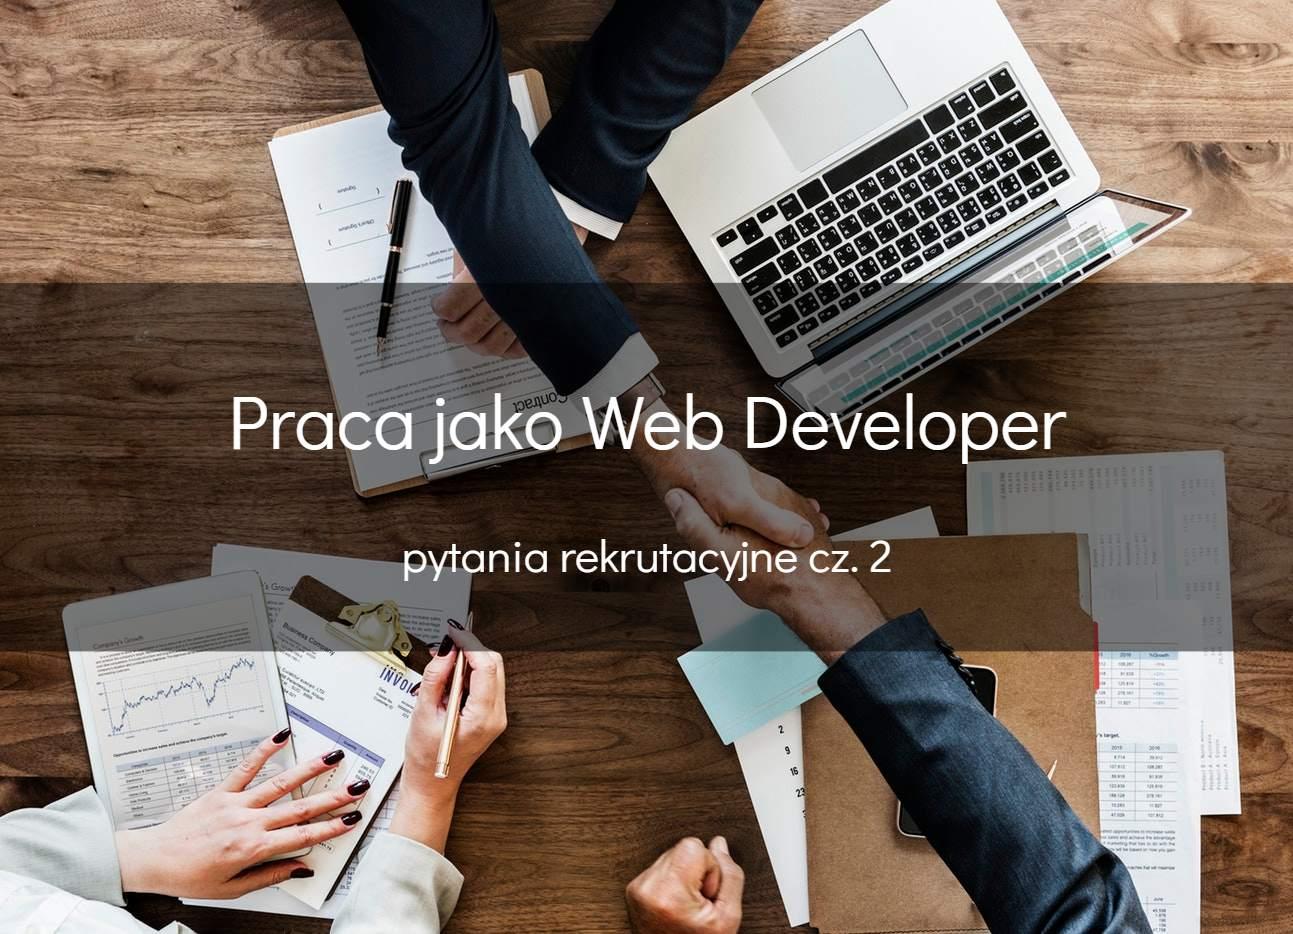 Web developer – pytania rekrutacyjne cz.2